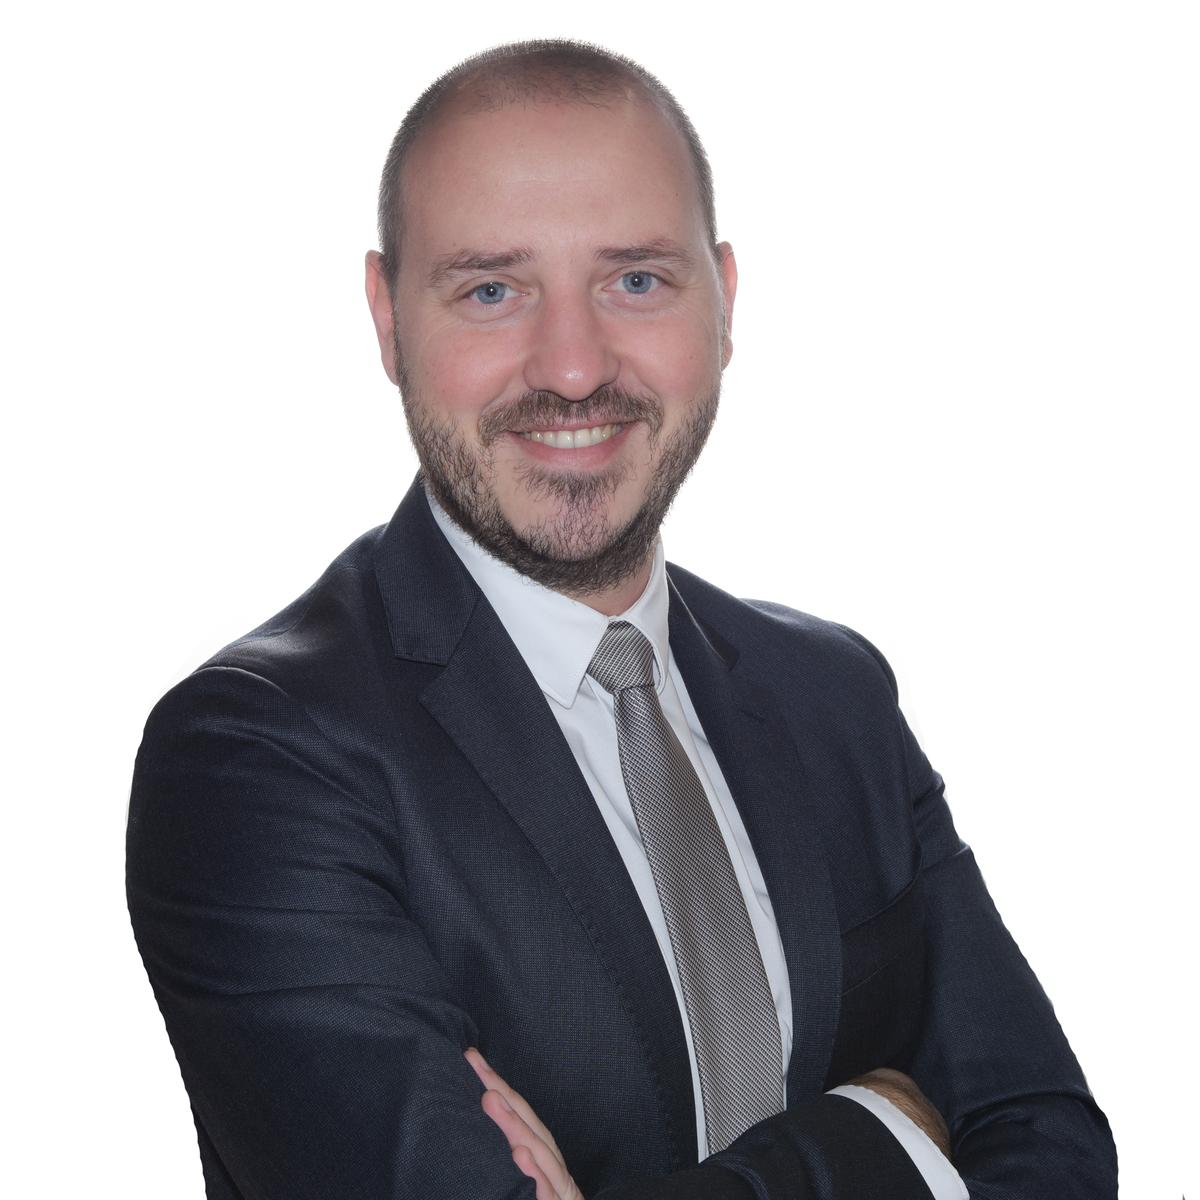 Danilo Perrucci